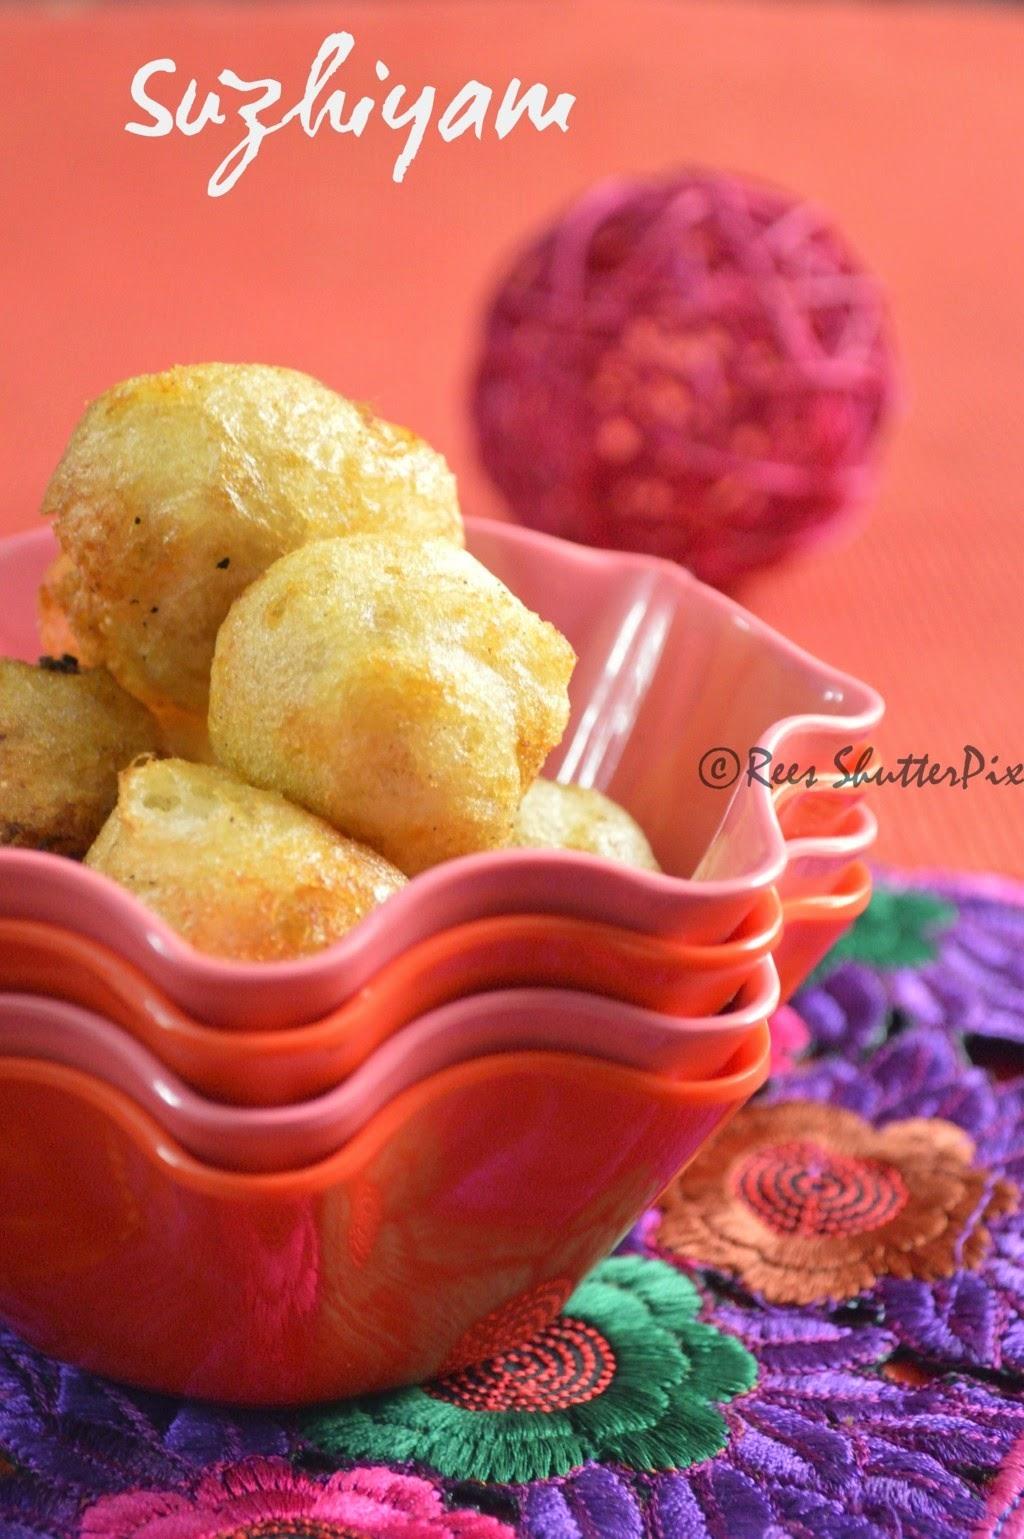 suzhiyam recipe, easy suzhiyam recipe, how to make suzhiyam at home, suzhiyan recipe, easy suzhiyan recipe, chettinad seeyam recipe, seeyam recipe, easy seeyam recipe, how to make seeyam at home, chettinad sweet seeyam recipe, diwali sweets recipe, festival sweets